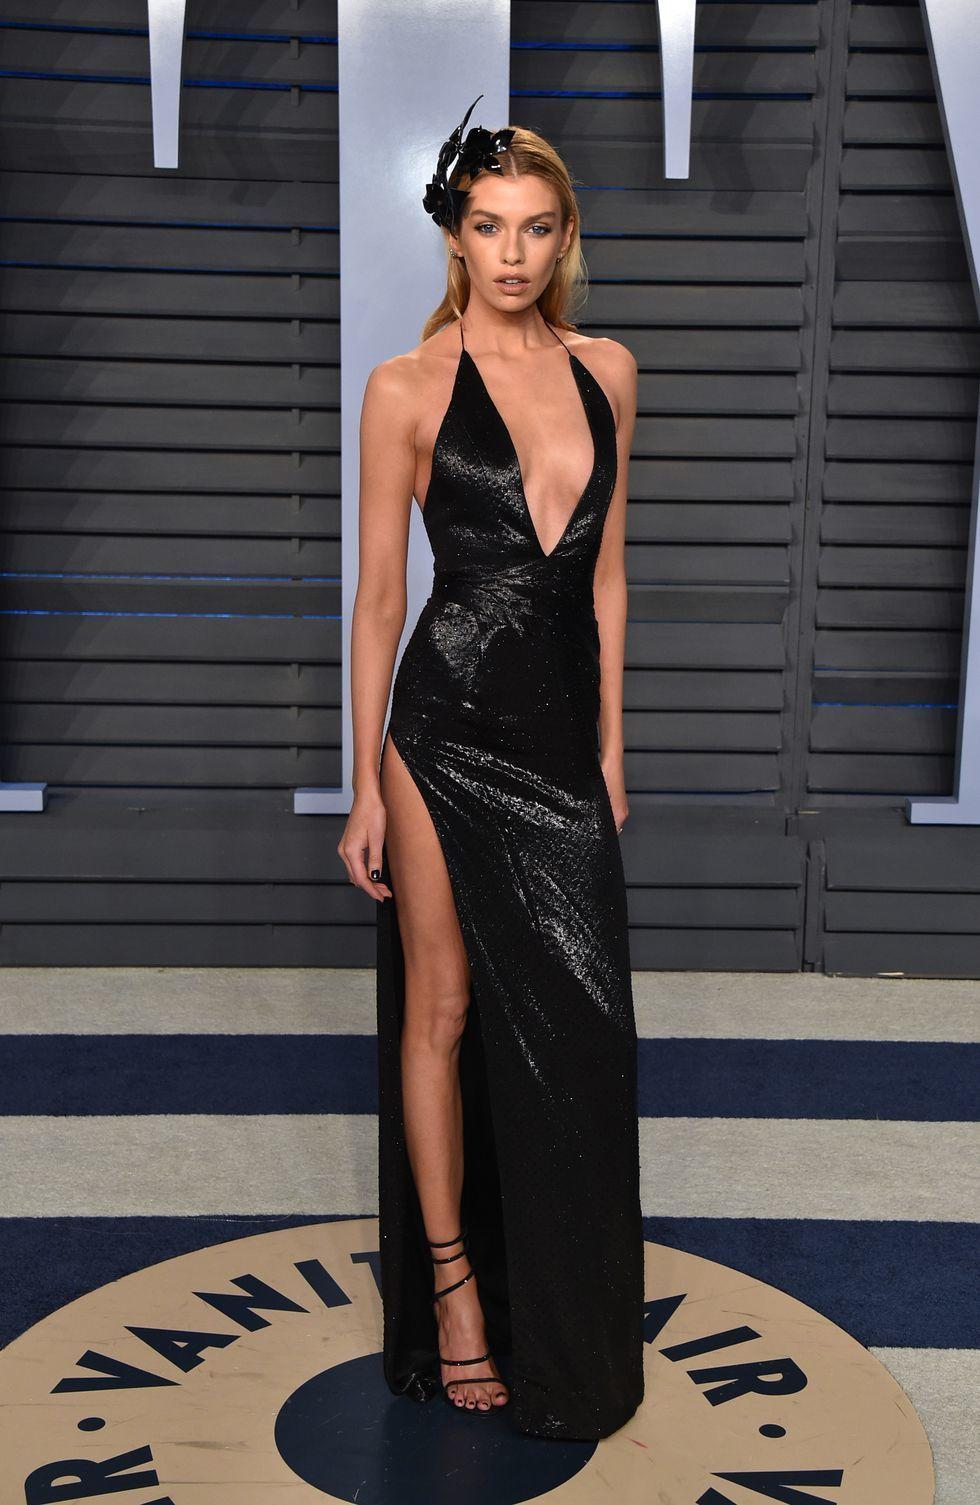 Deretan Seleb Hollywood Pilih Gaun Seksi di Momen Karpet Merah 2018